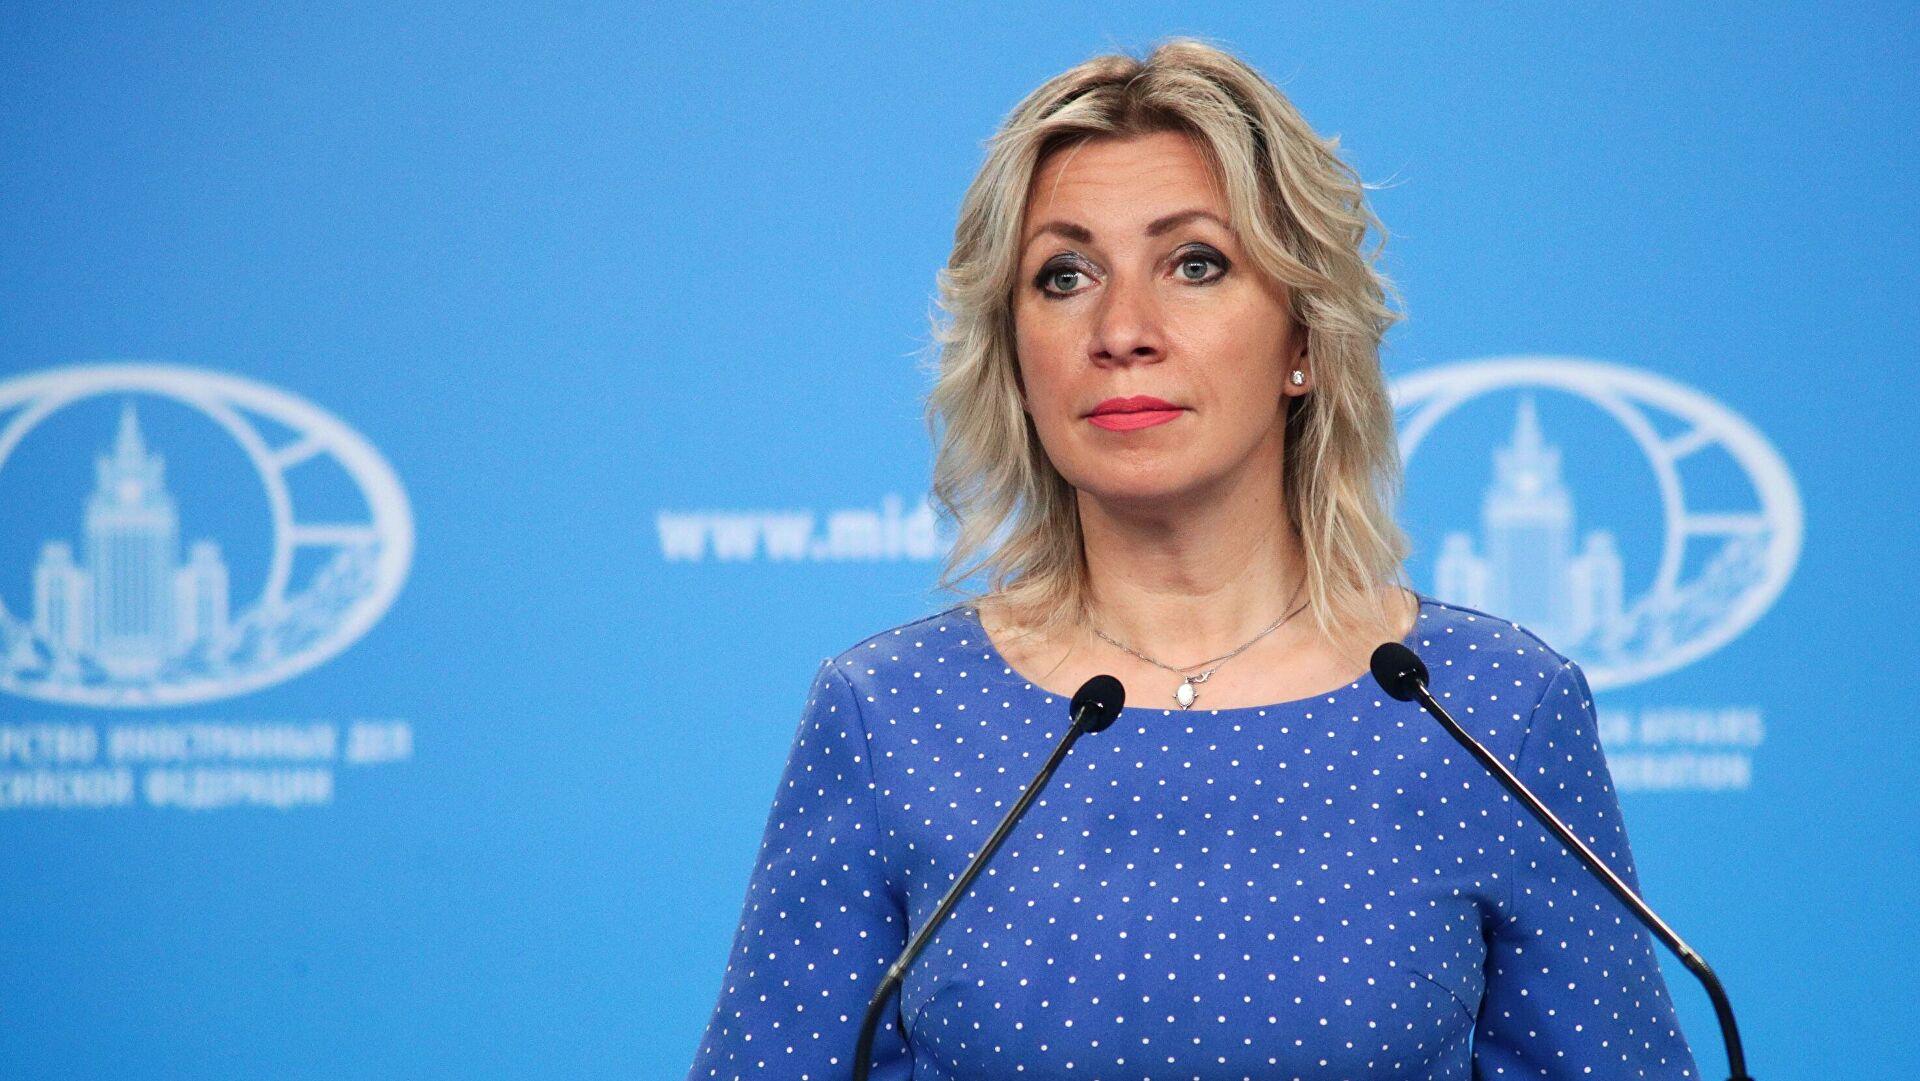 Захарова: На санкције САД увек је следио реципрочни одговор